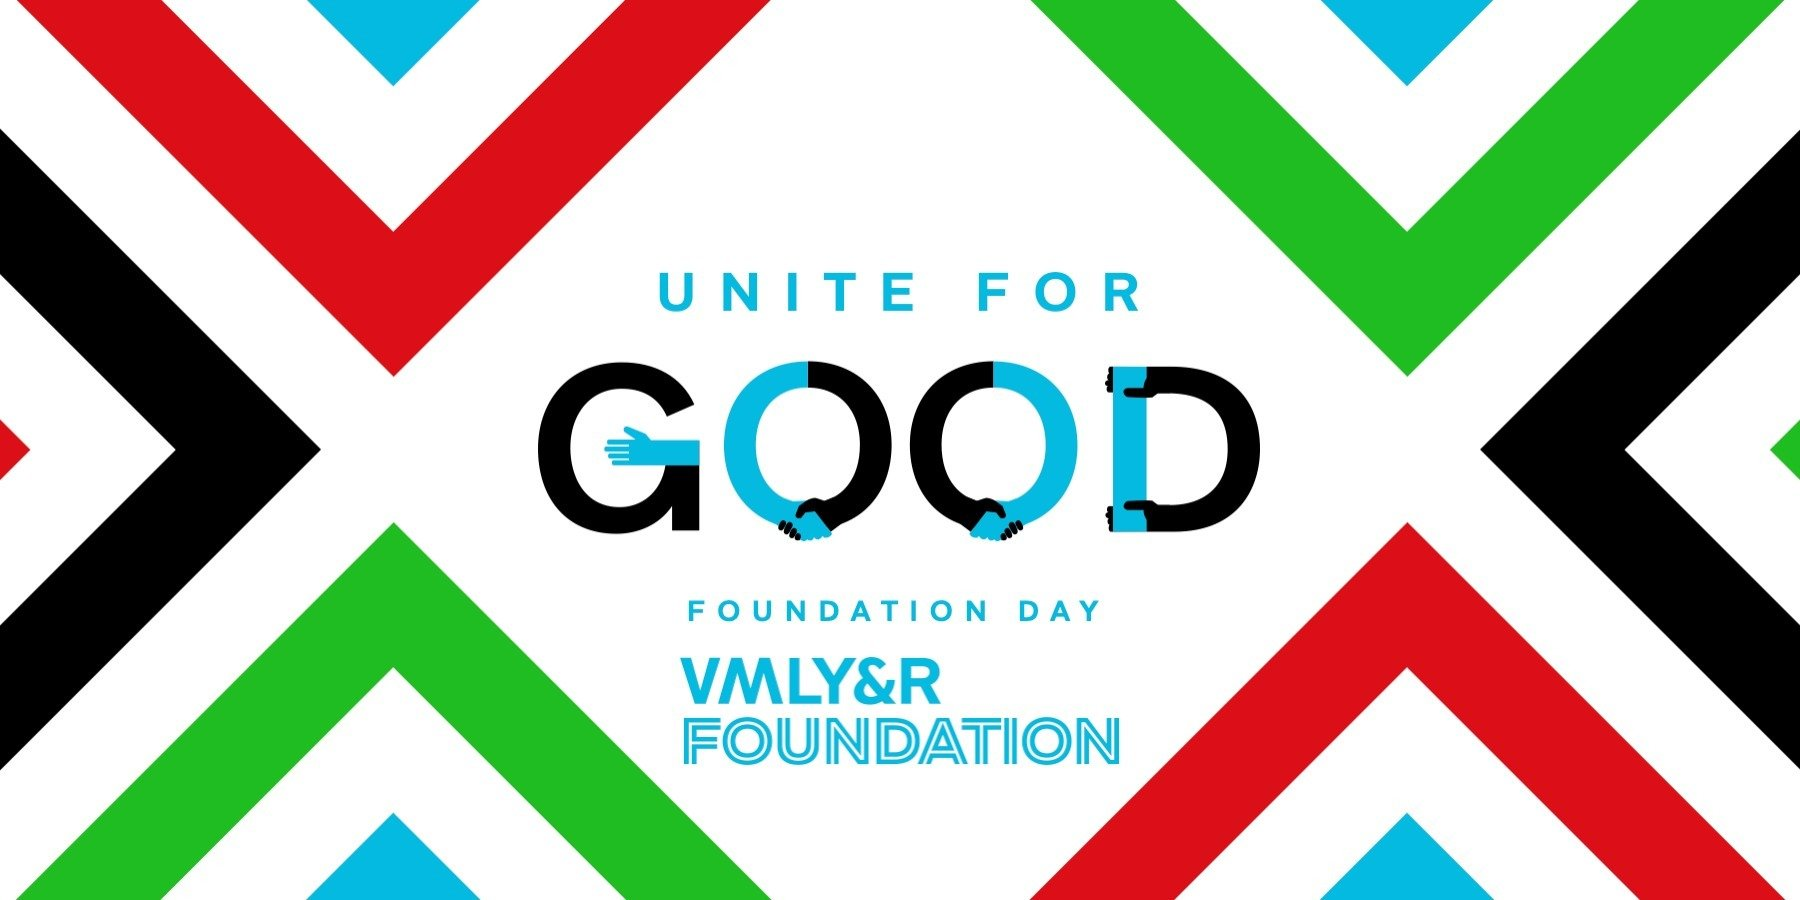 VMLY&R jednoczy się , by czynić dobro podczas Worldwide Foundation Day 2021